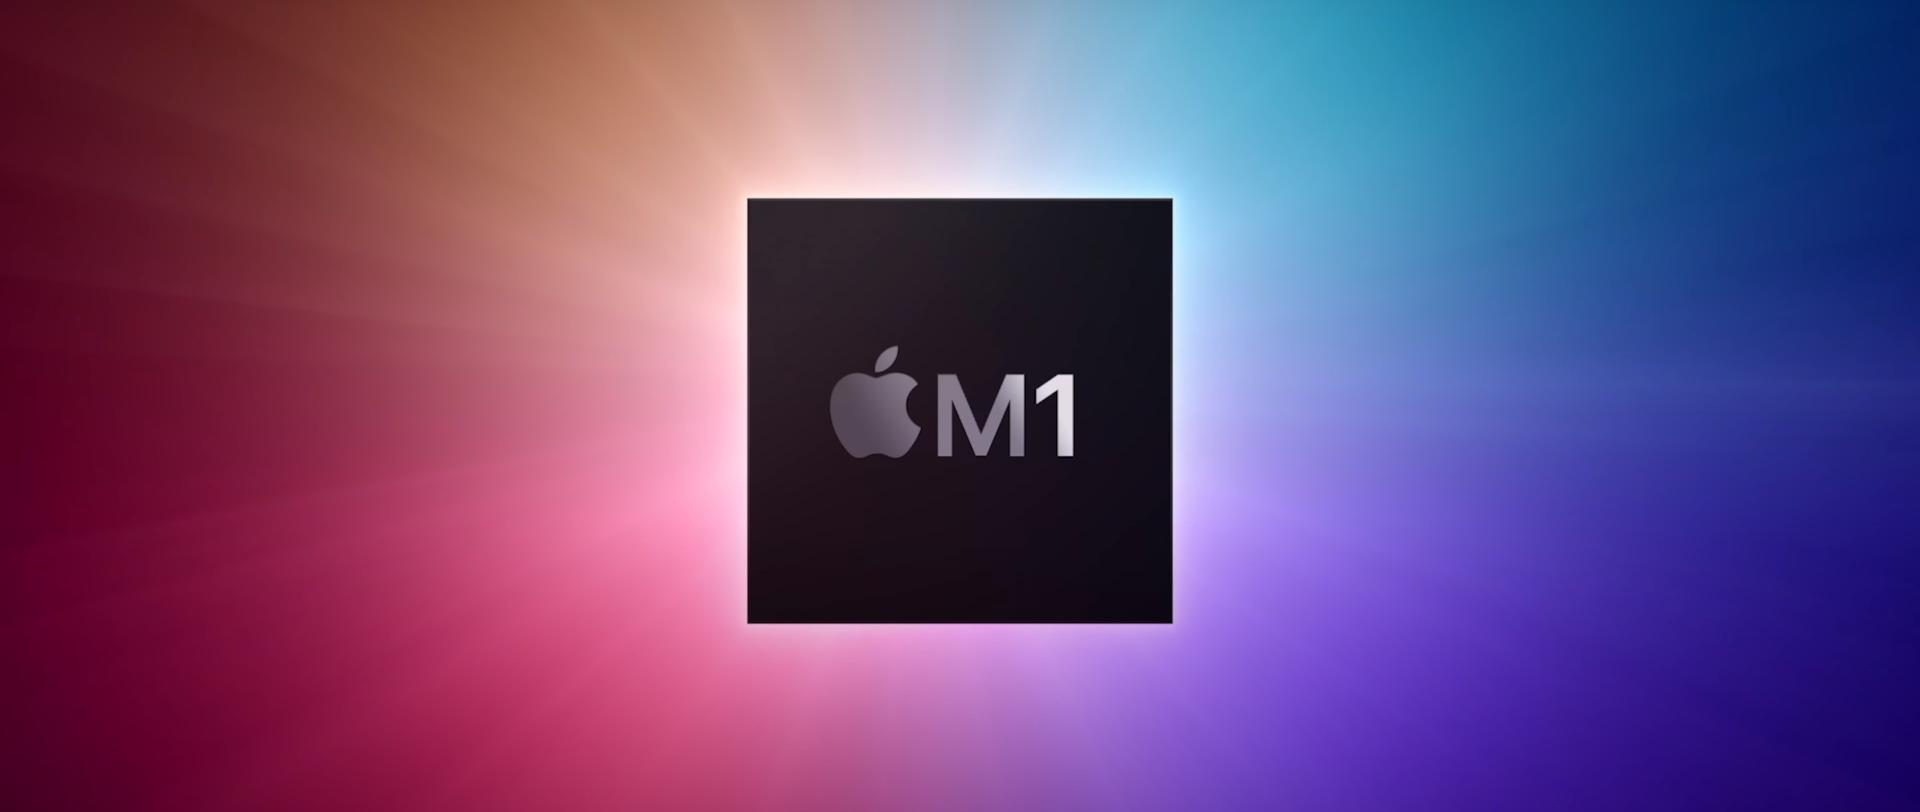 Apple annuncia i primi Mac basati su ARM